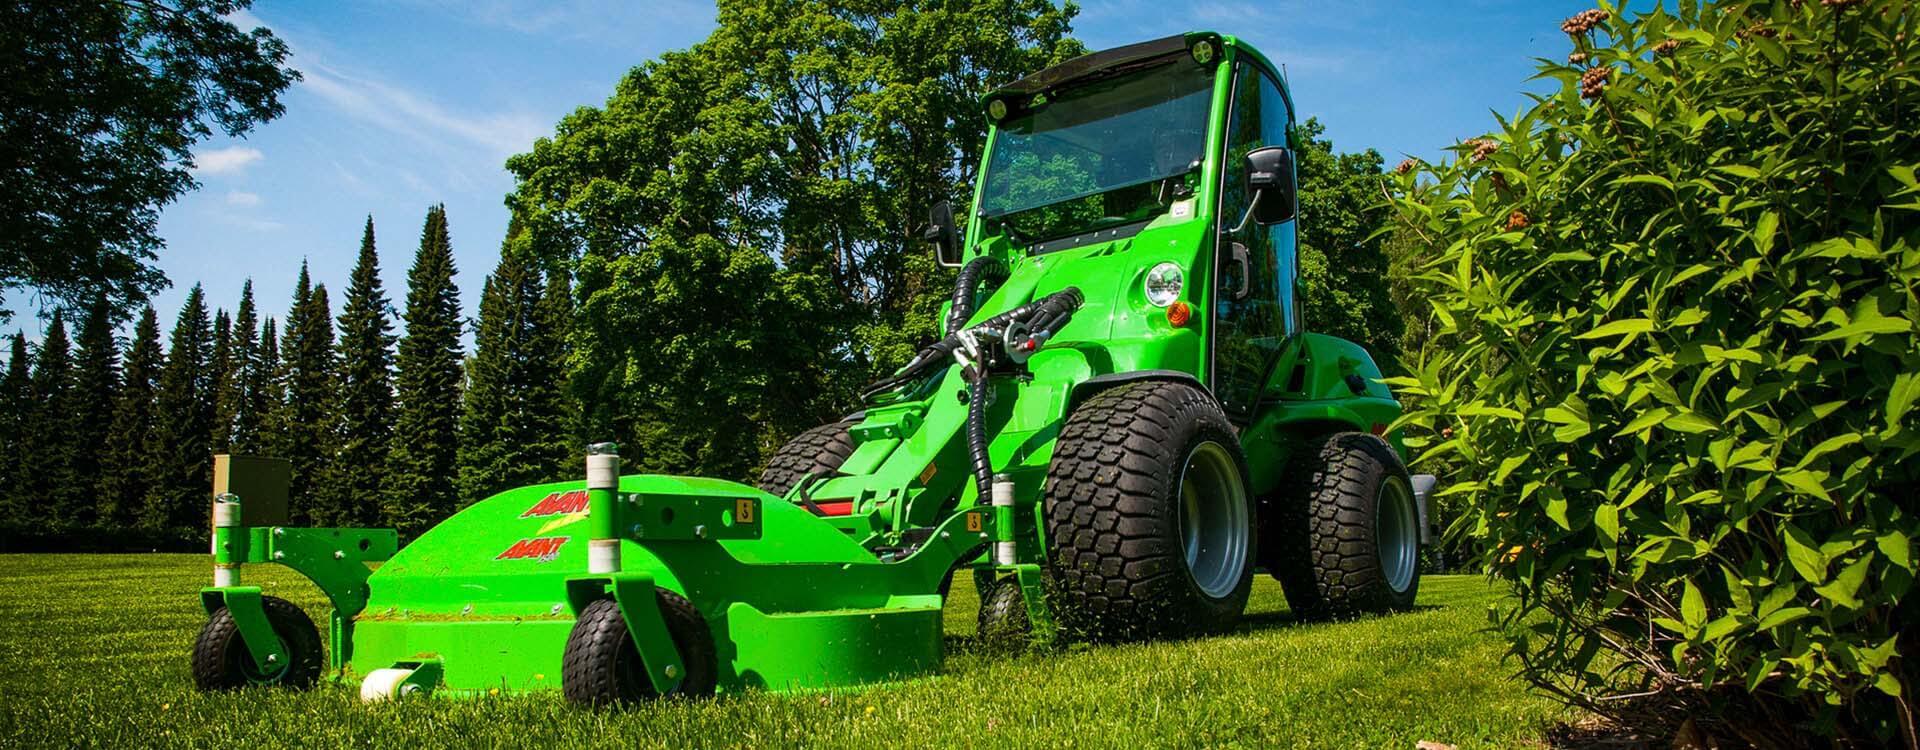 AVANT 700 med græsklipper miljøbillede